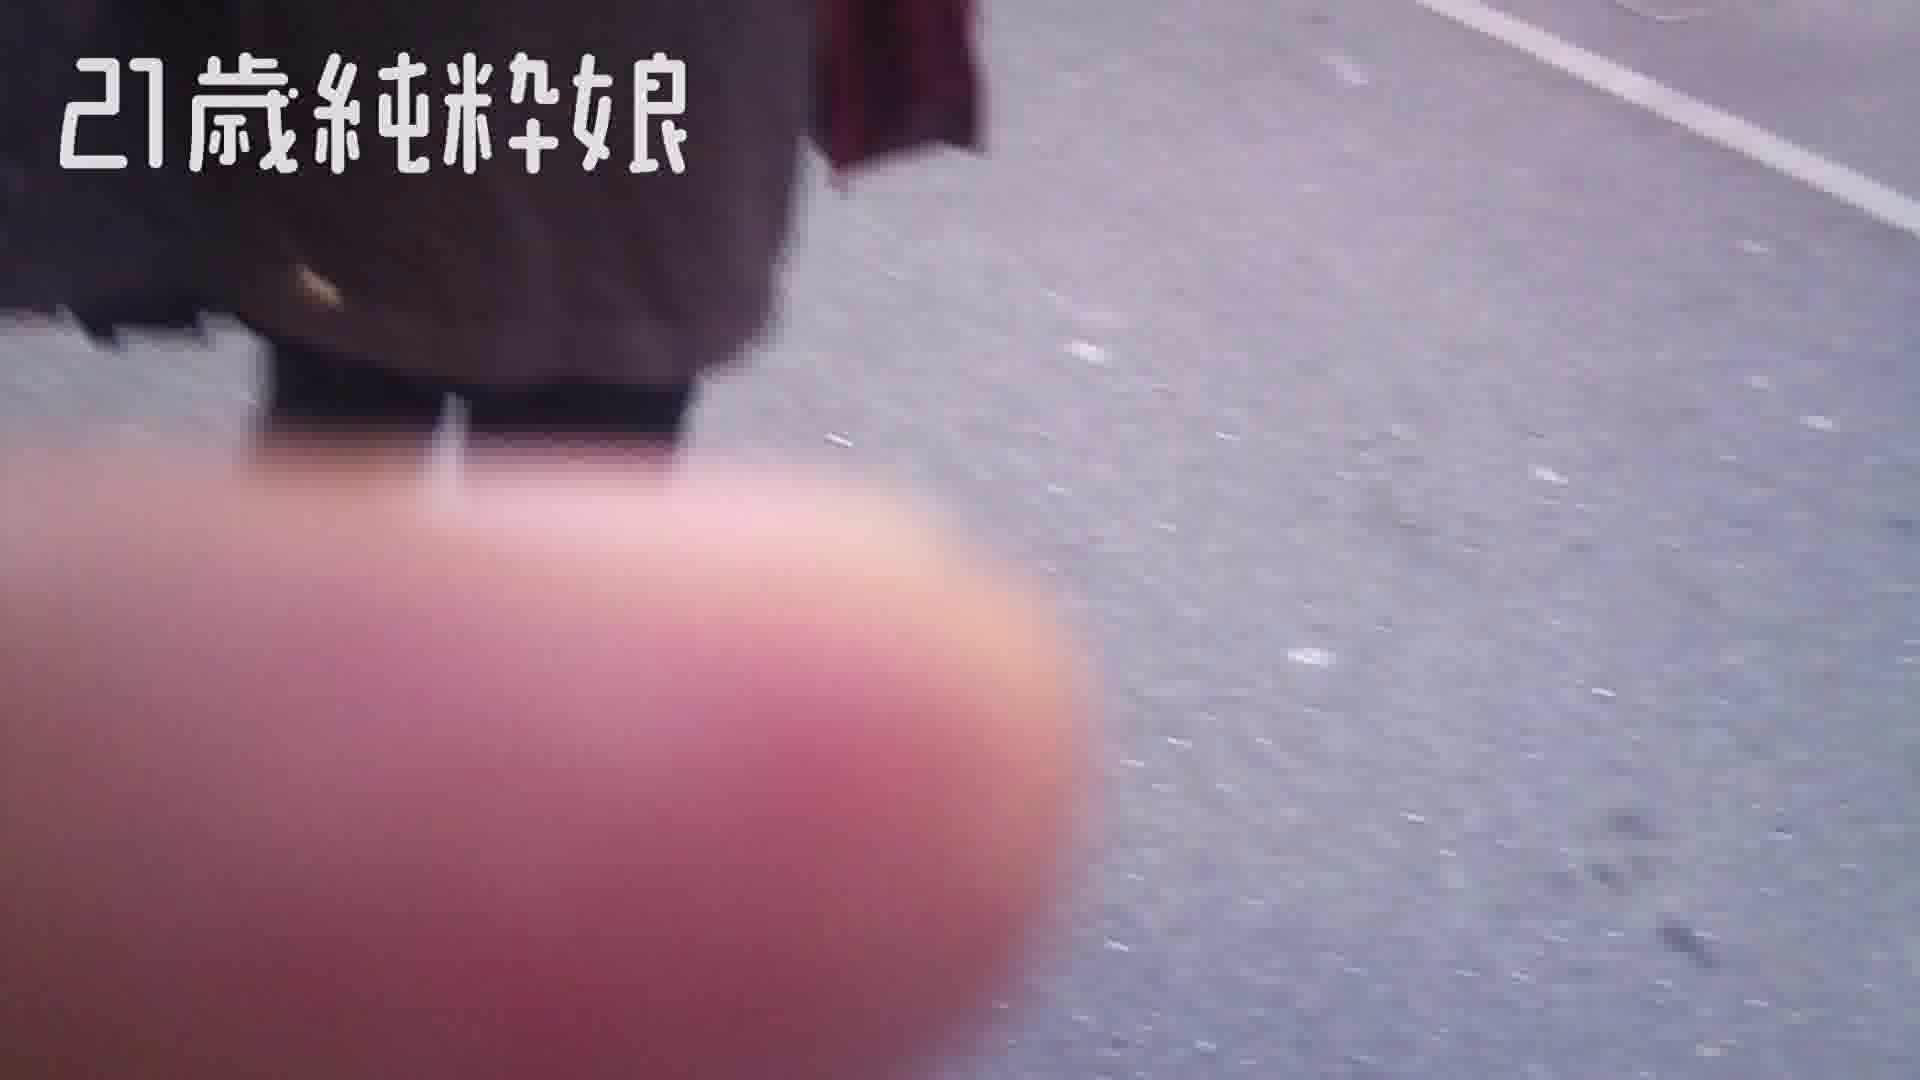 Gカップ21歳純粋嬢第2弾Vol.5 OL | 学校  75連発 5